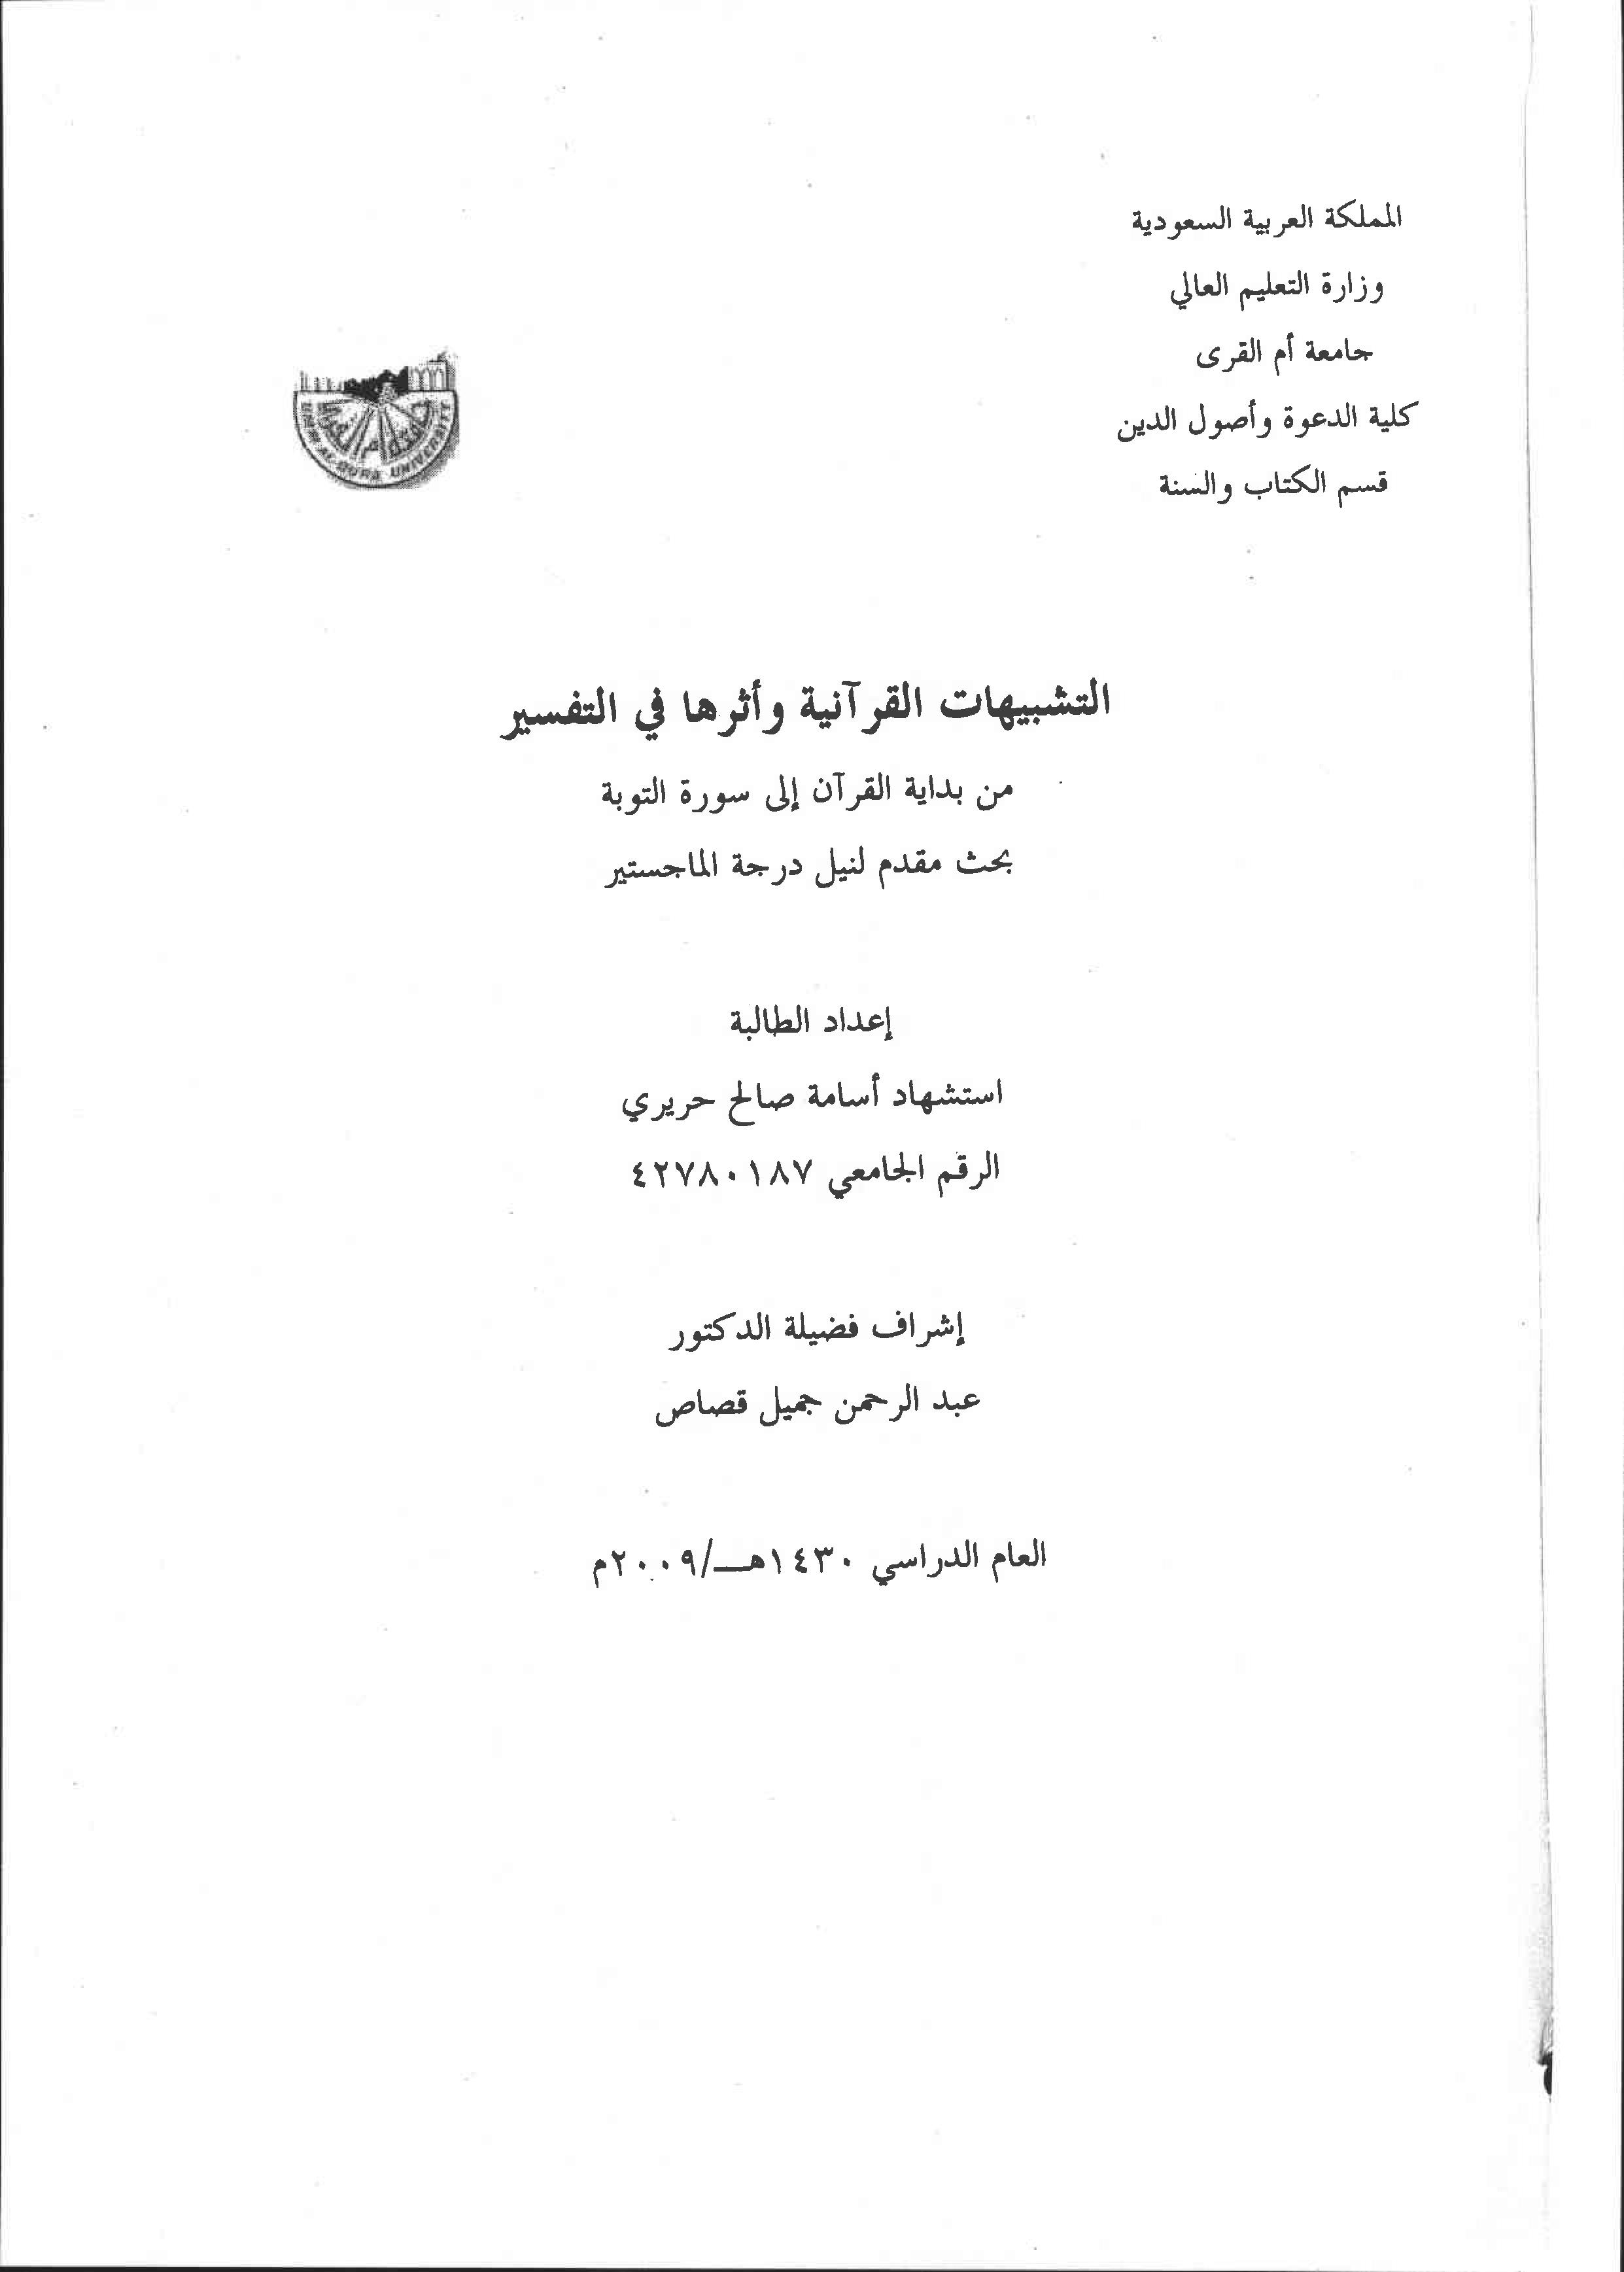 التشبيهات القرآنية وأثرها في التفسير : من بداية القرآن إلى نهاية سورة التوبة